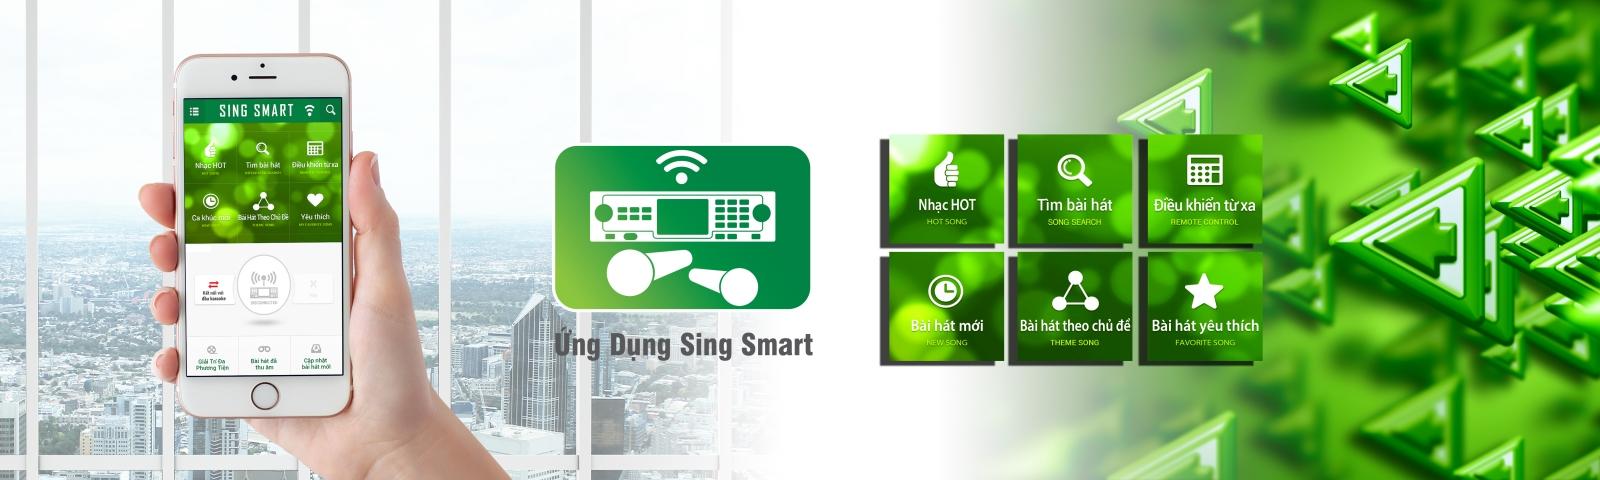 Ứng dụng Sing Smart trên đầu karaoke paramax ls-5000